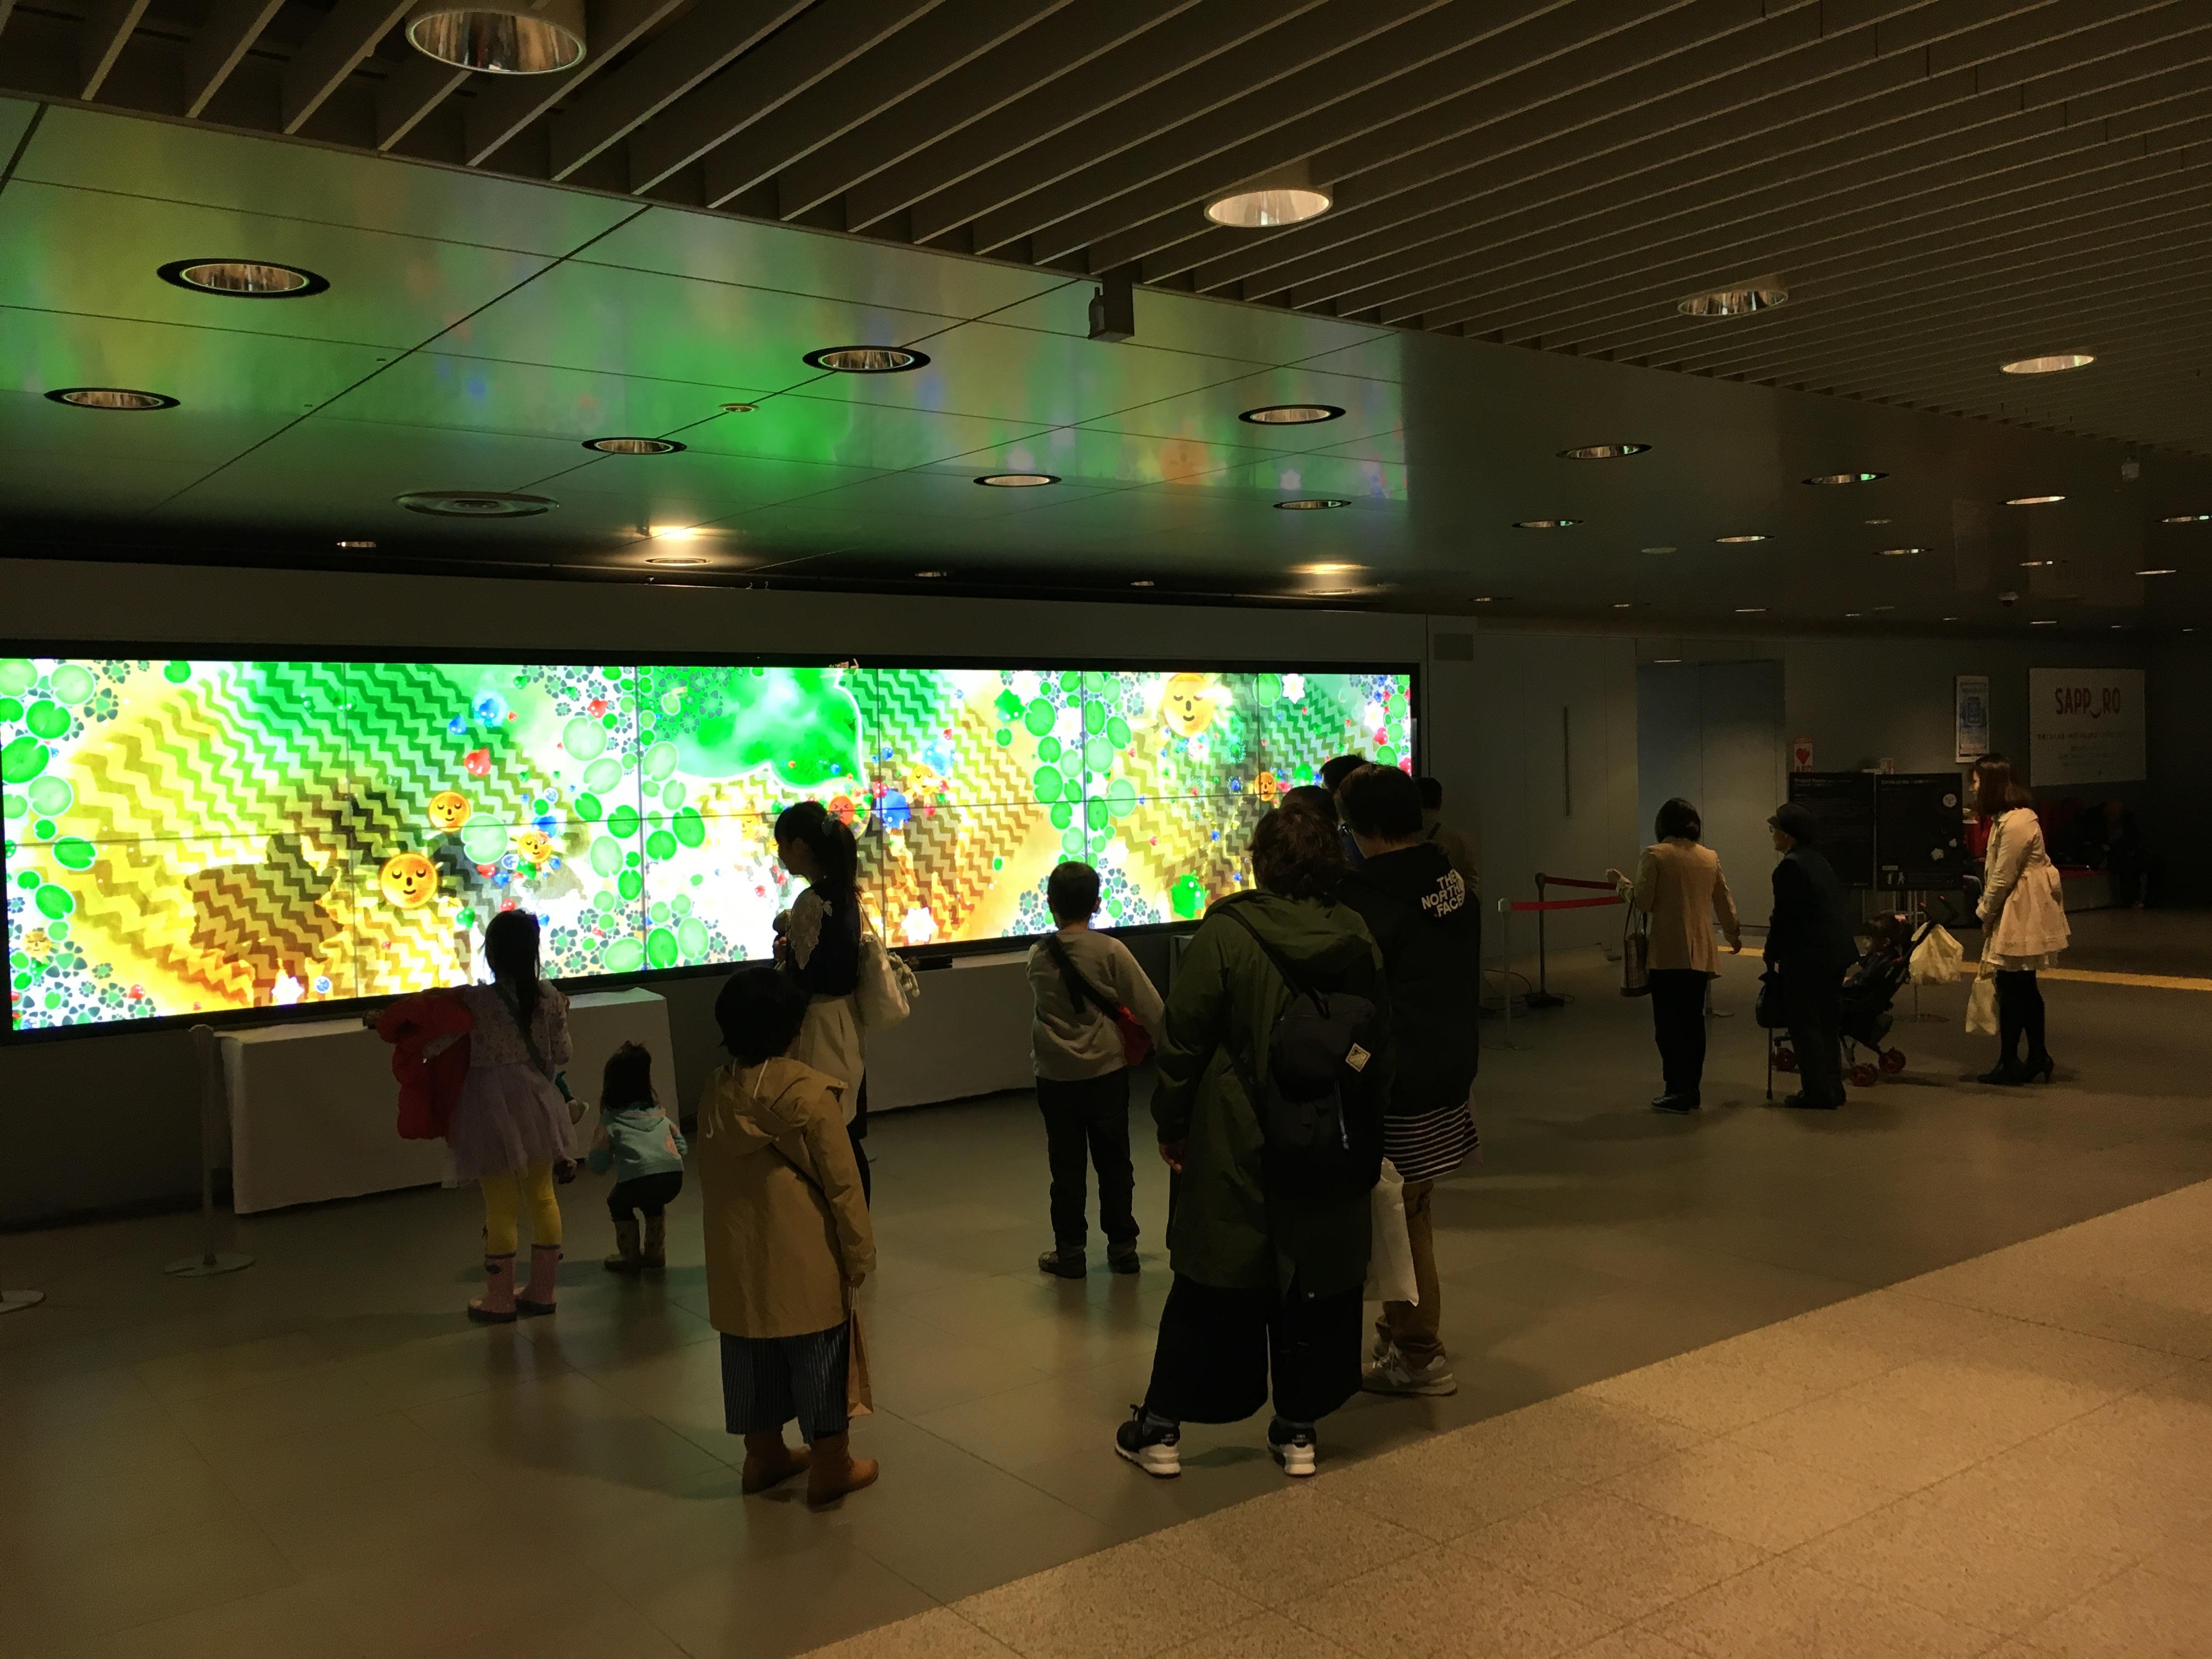 札幌駅前のビジネス展示会場には、ファミリーや若者も足をとめた